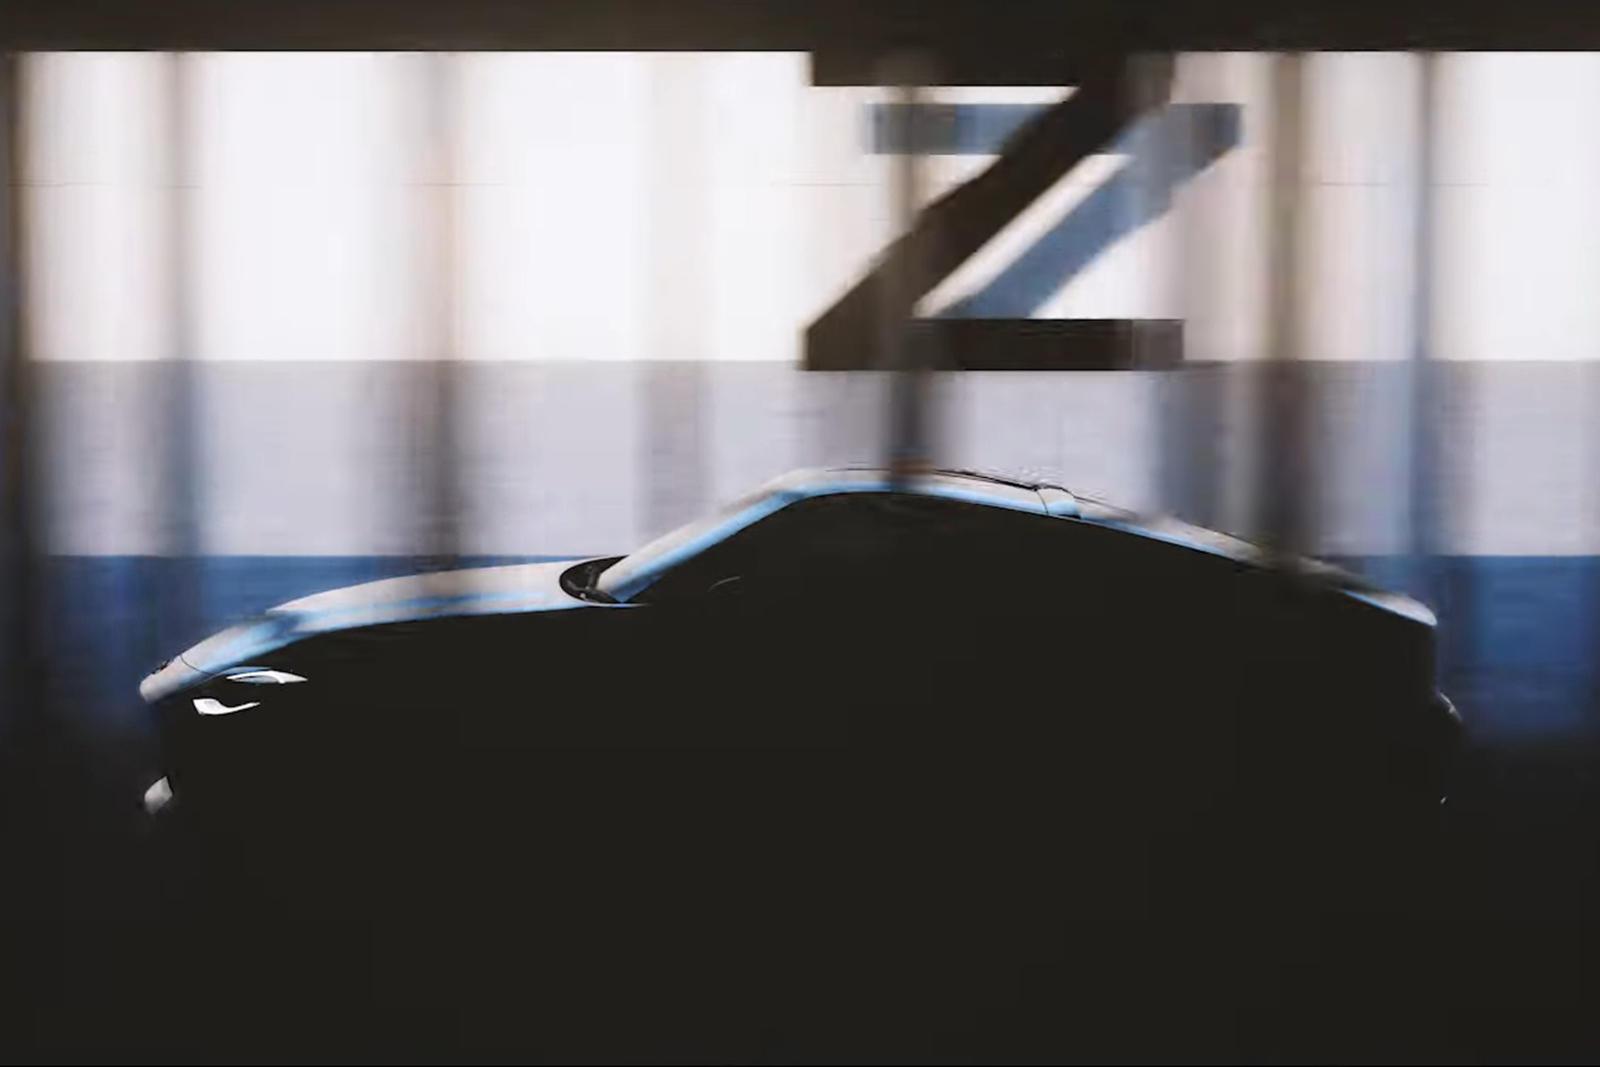 Отчет также подтверждает более ранние слухи о том, что 400Z не будет использовать гибридную мощность, а вместо этого будет полагаться на двигатель V6 с двойным турбонаддувом, производящий около 400 лошадиных сил. Эта силовая установка уже используетс